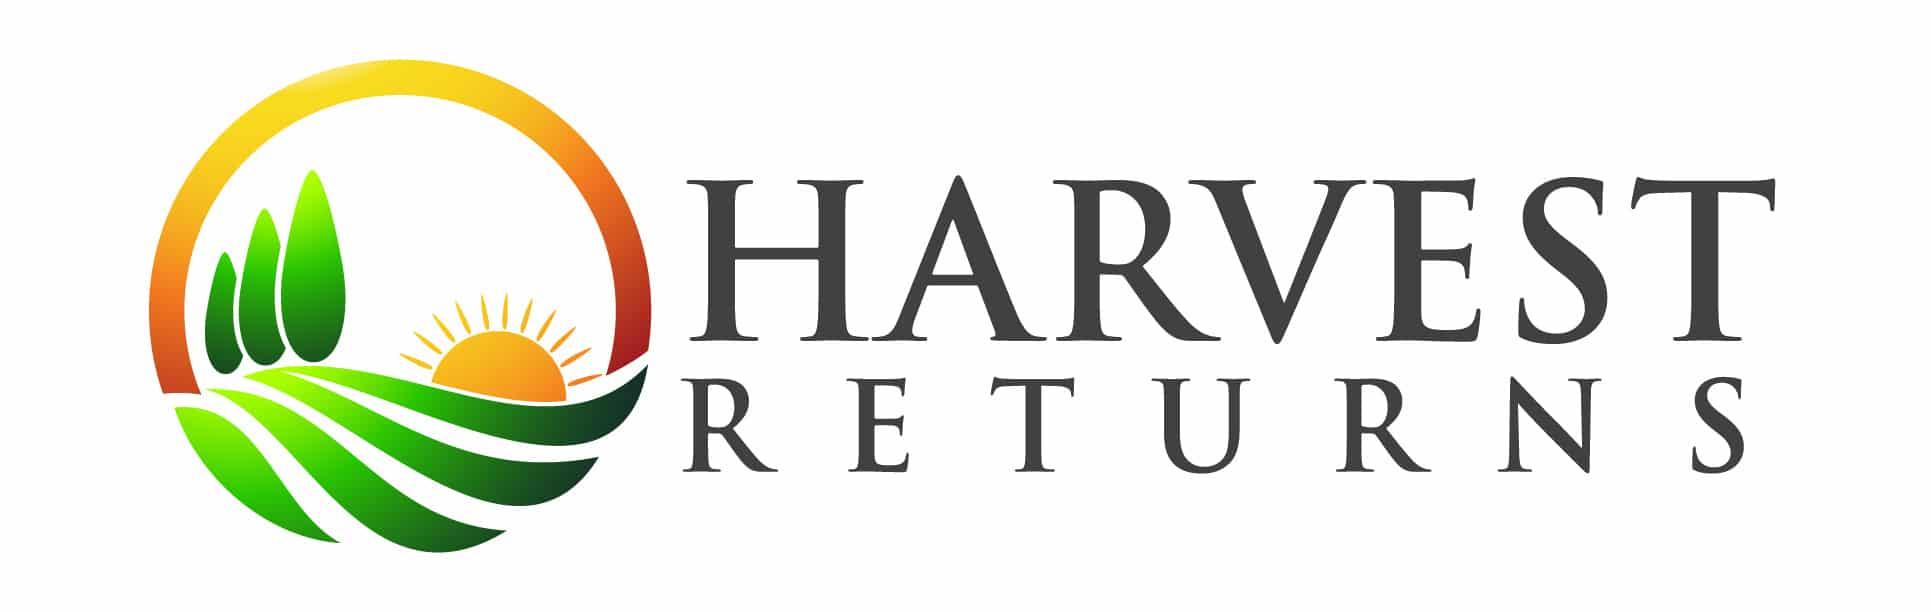 Logotipo de devoluciones de cosecha